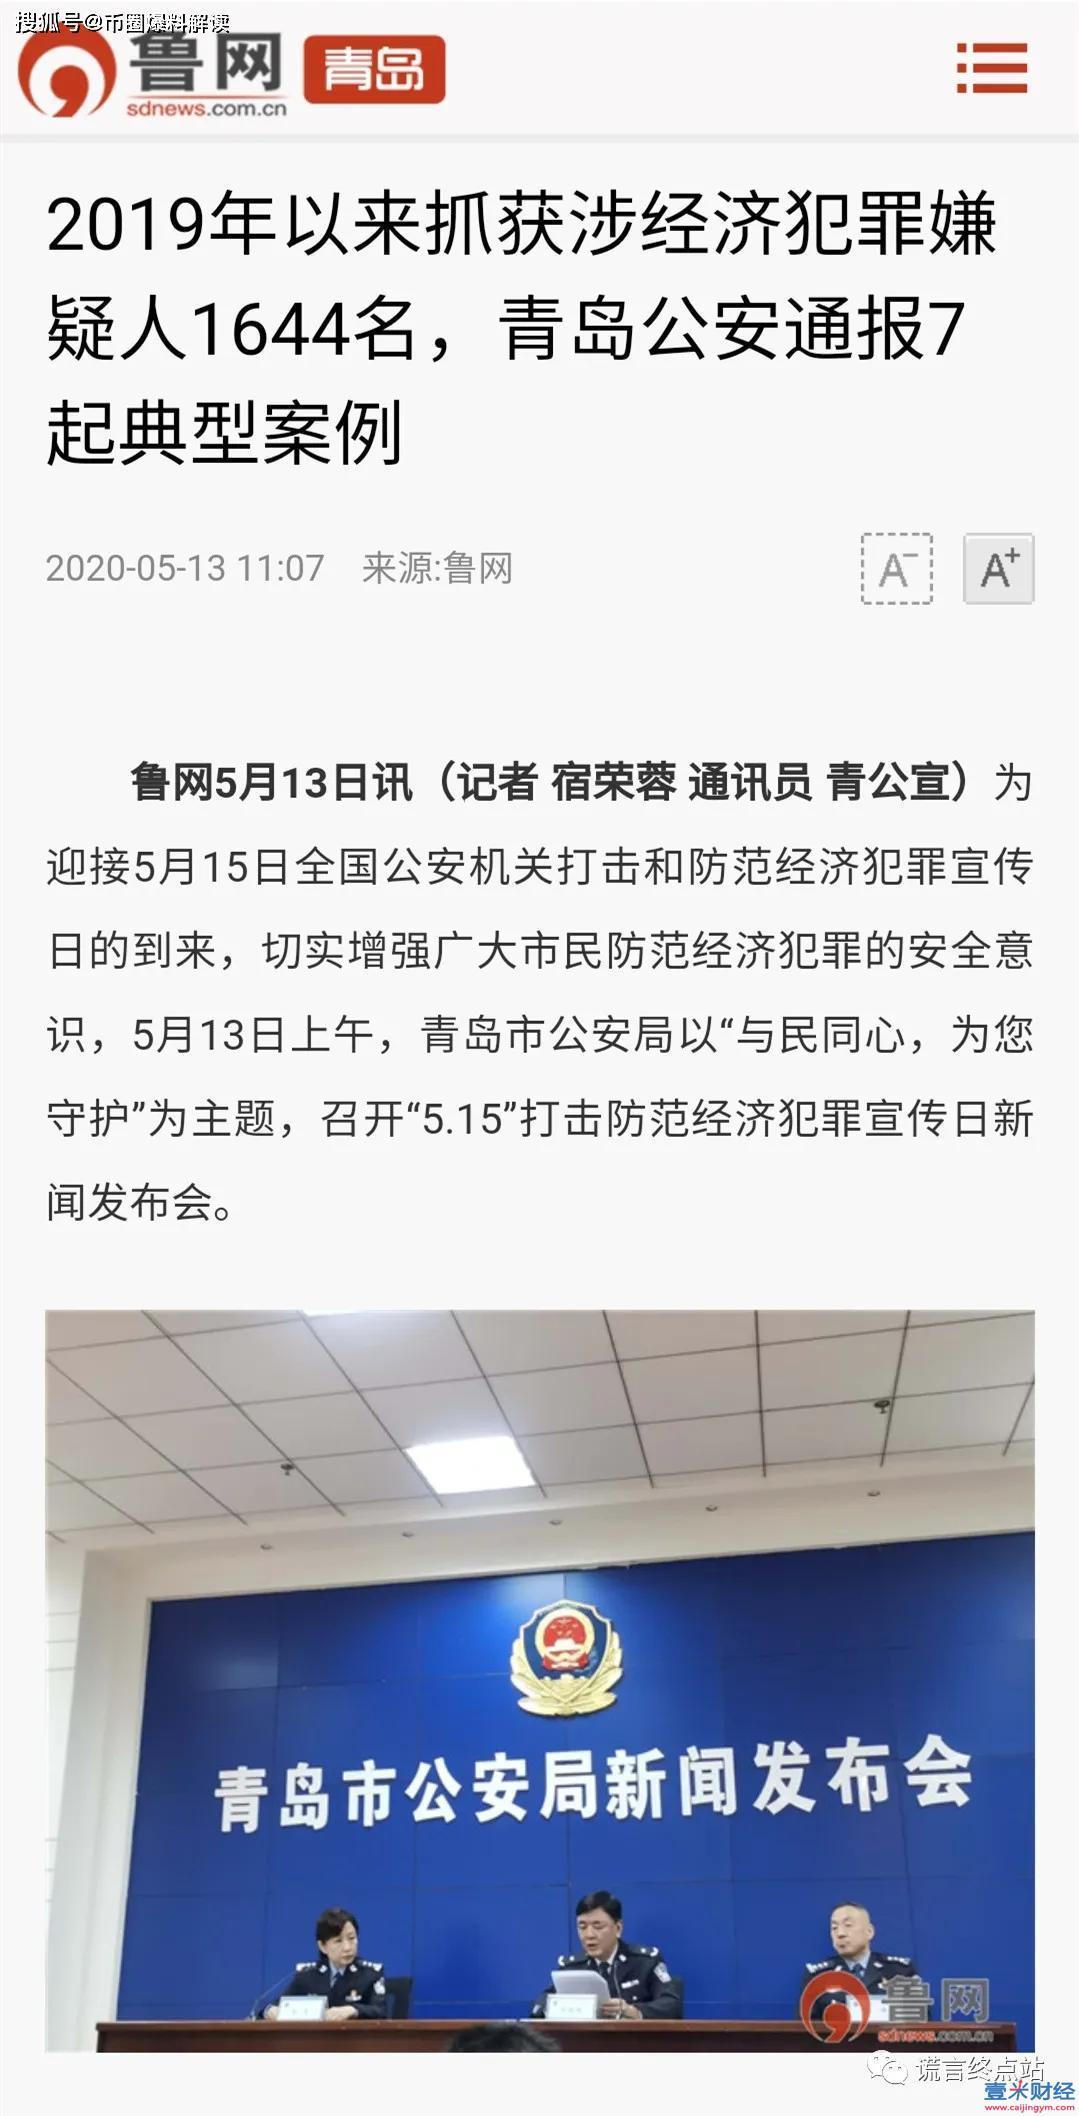 青岛大狮集团最近消息: 青岛市公安局正在破案!